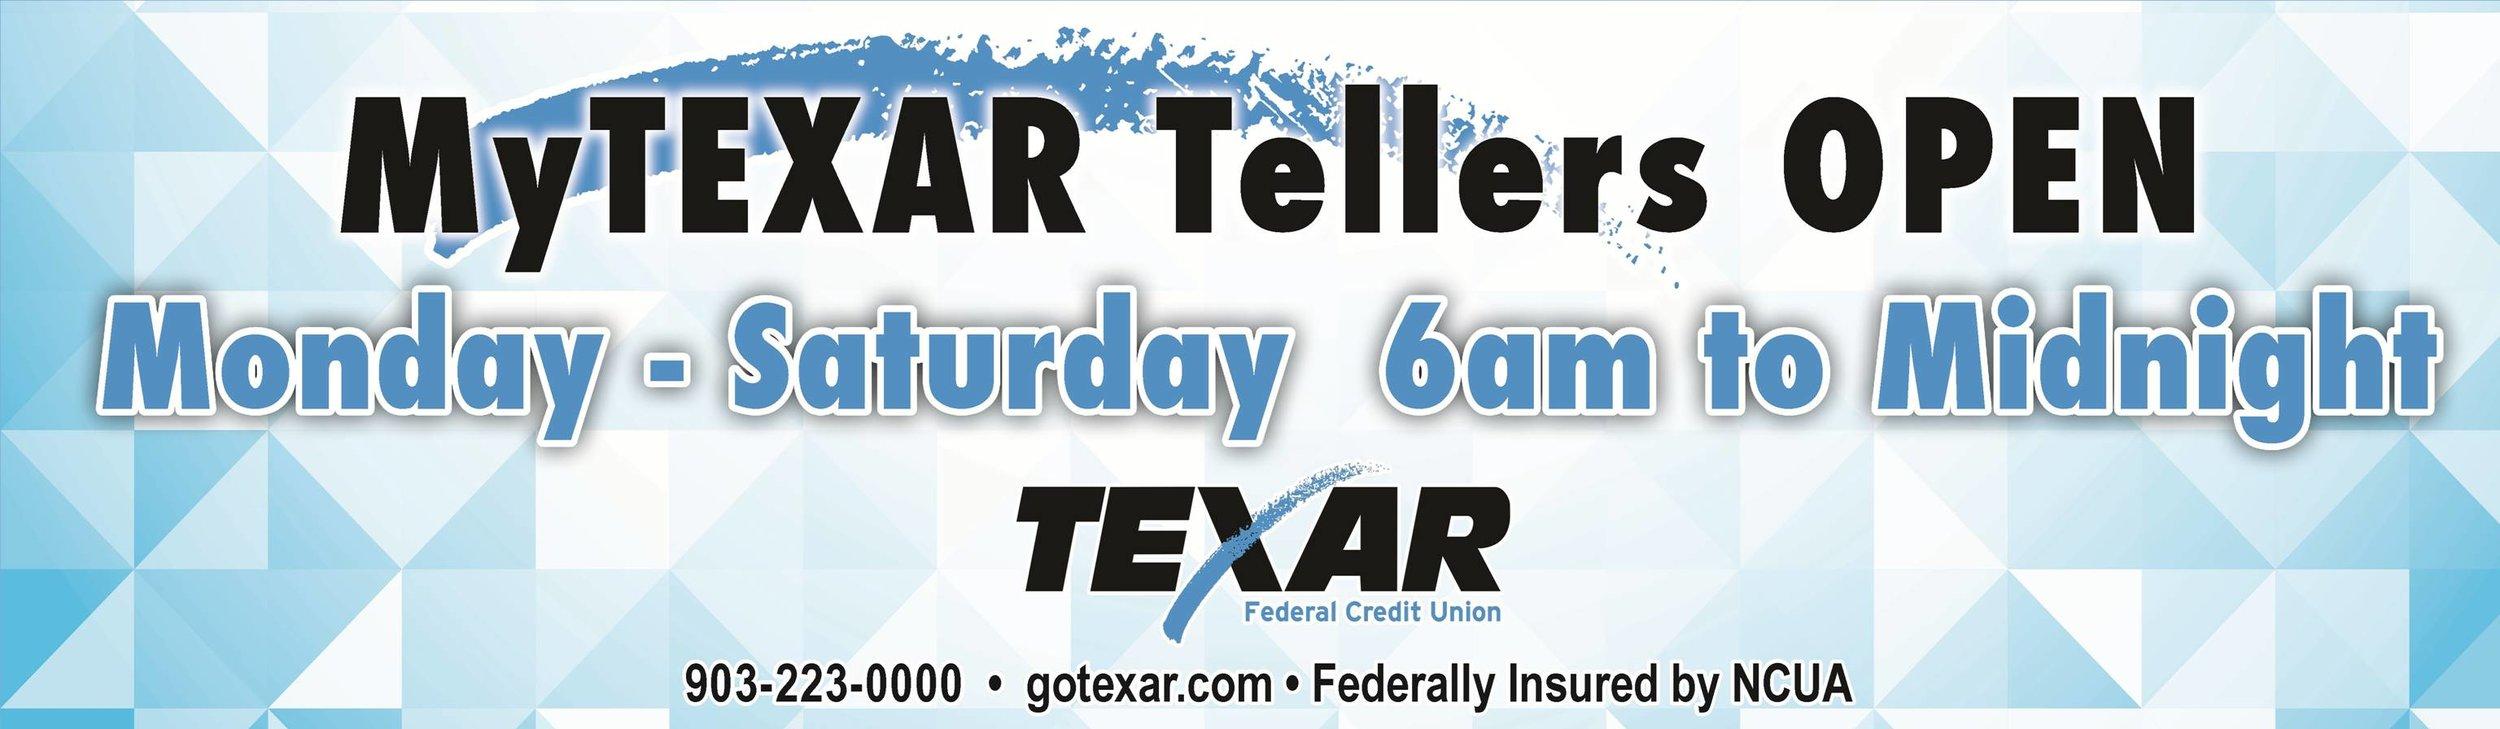 Texar.billboard.jpg